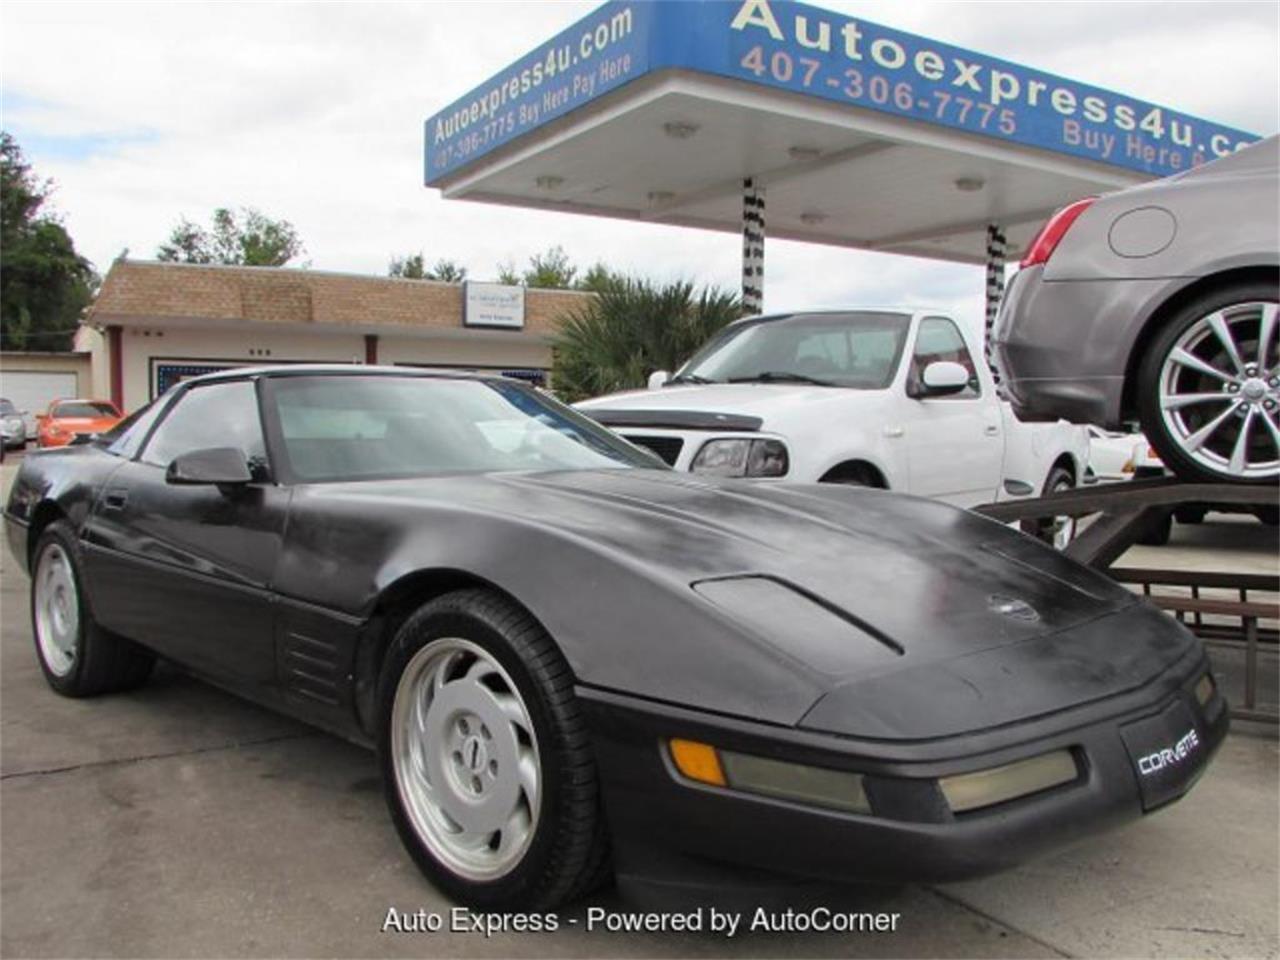 For Sale: 1991 Chevrolet Corvette in Orlando, Florida